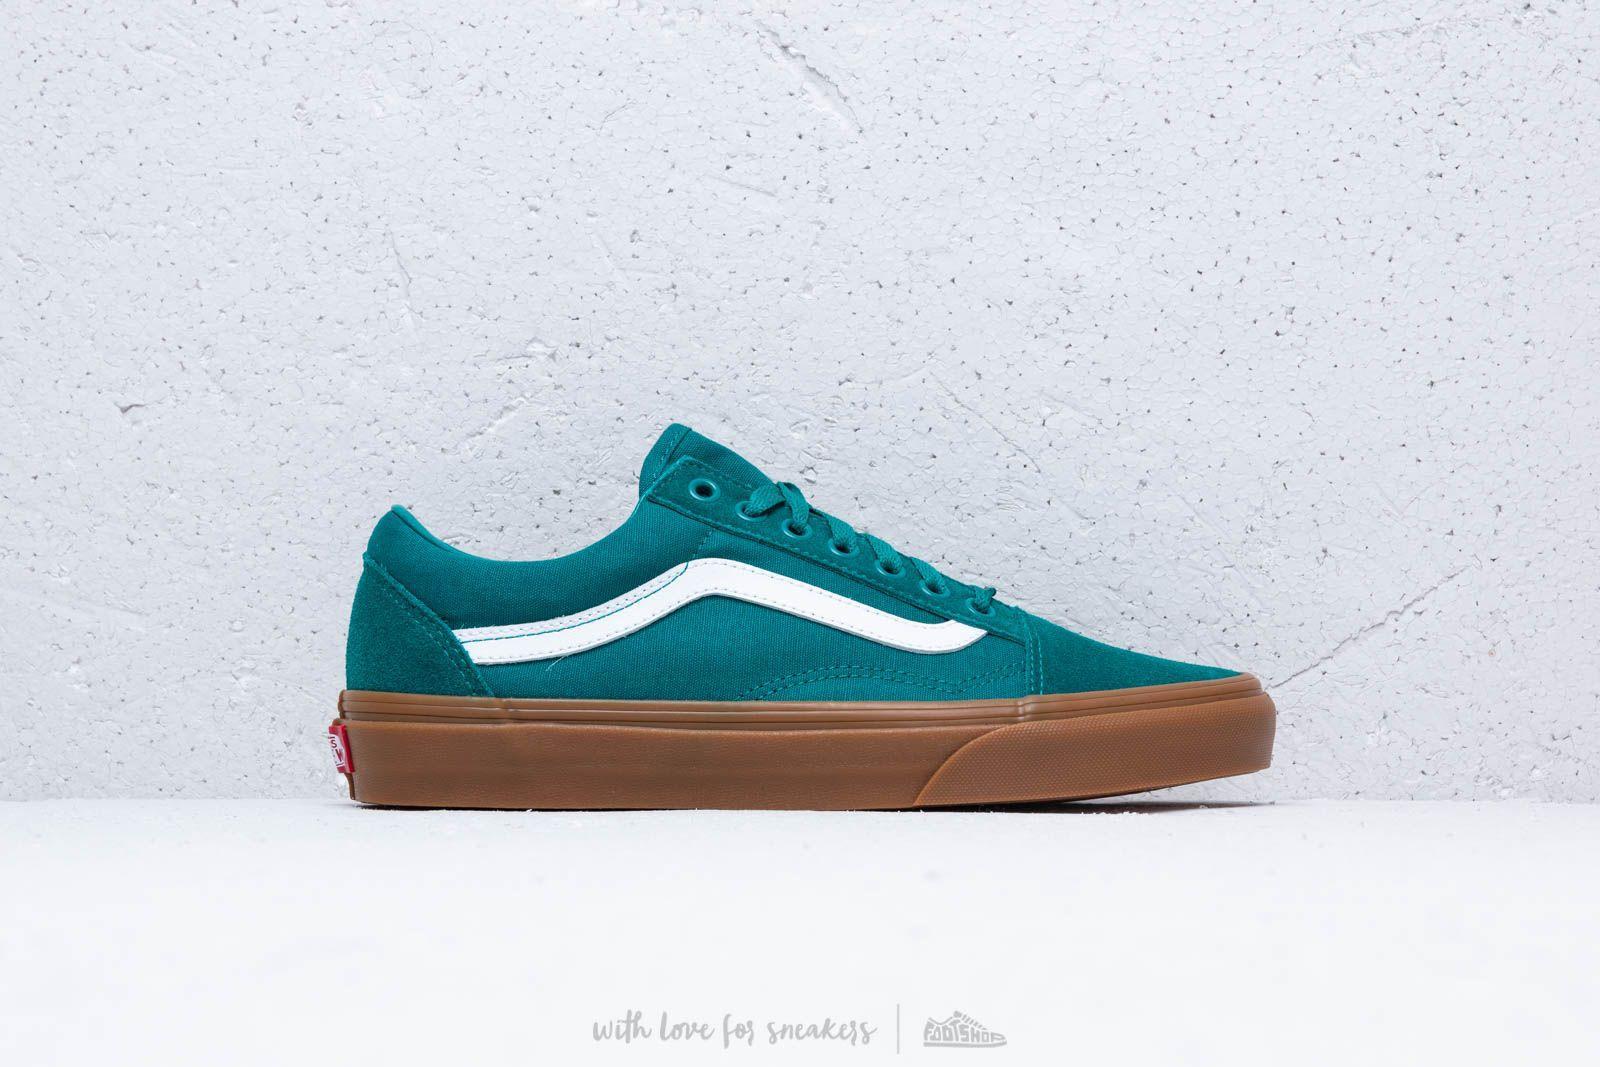 Lyst - Vans Old Skool Quetzal Green  Gum in Green for Men b55260104